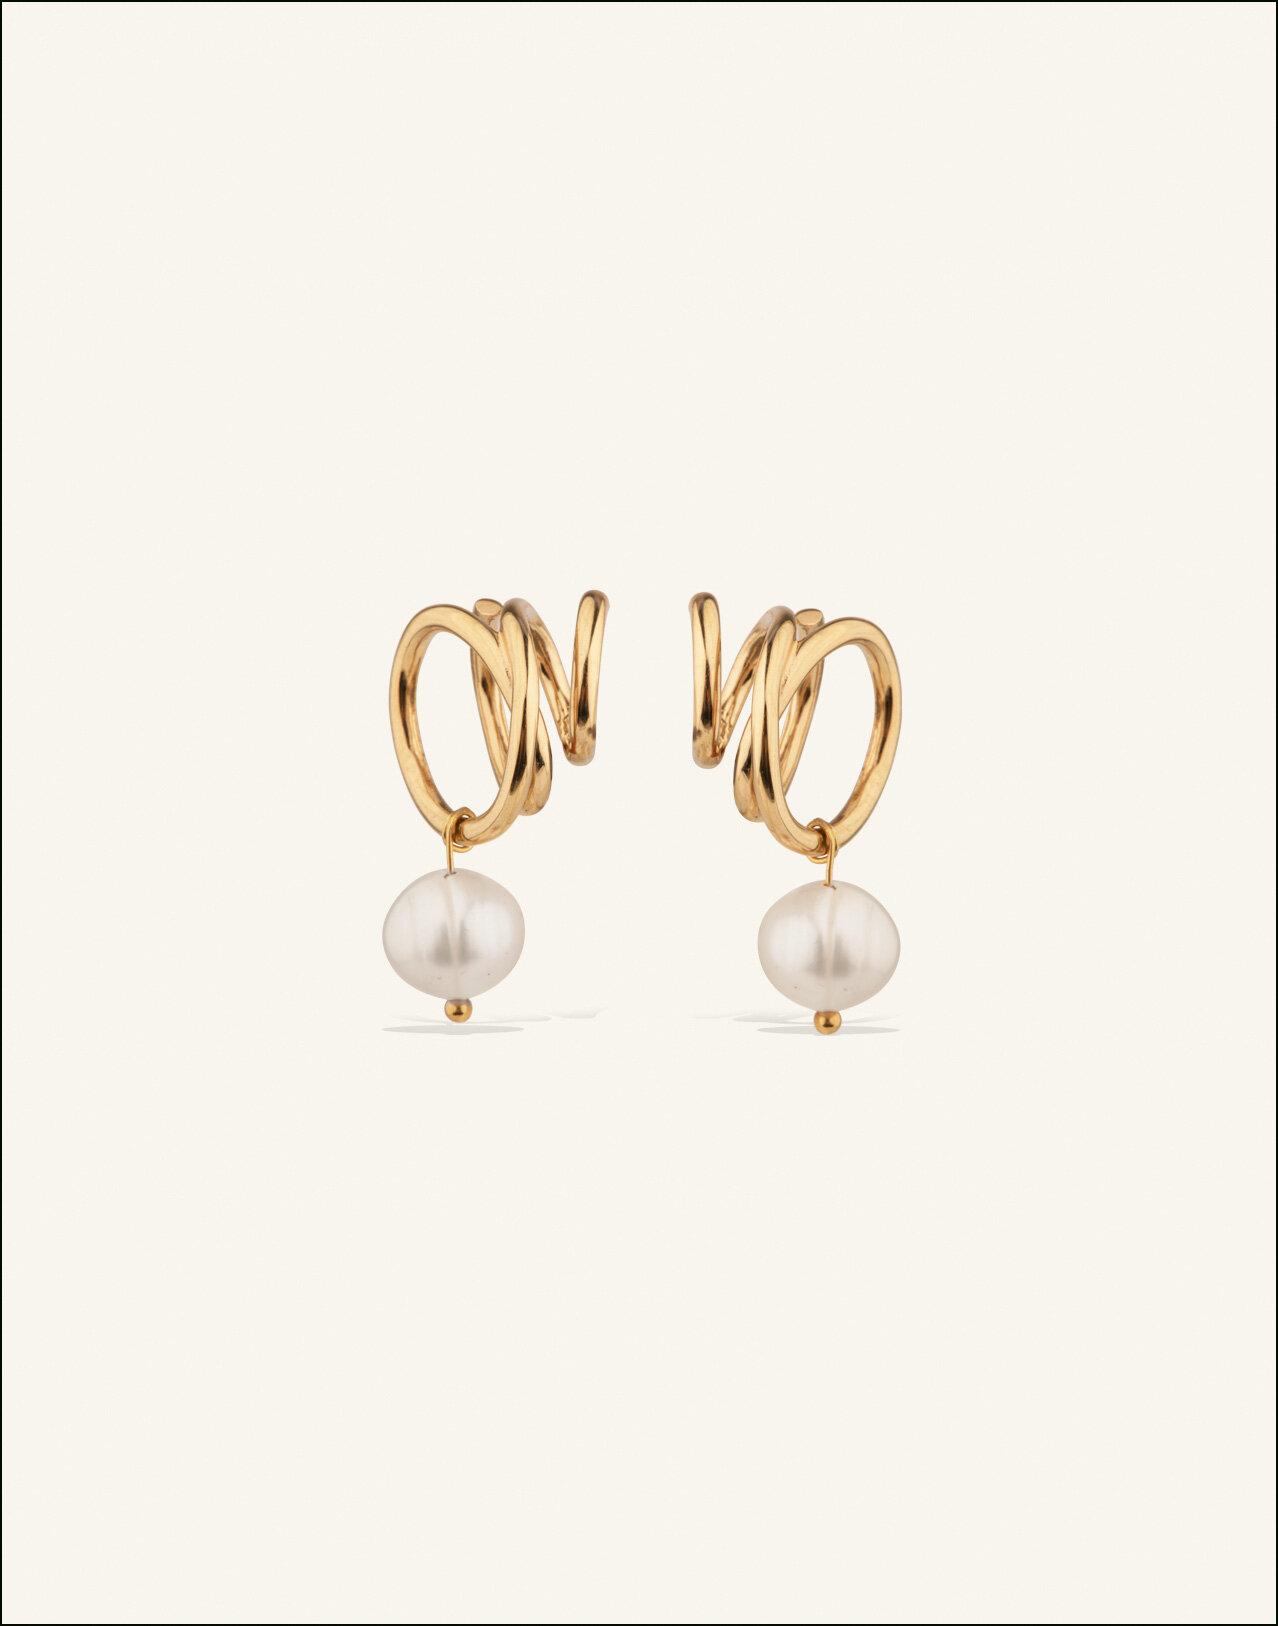 Completedworks-Flow-Earrings-Pearl-1.jpg